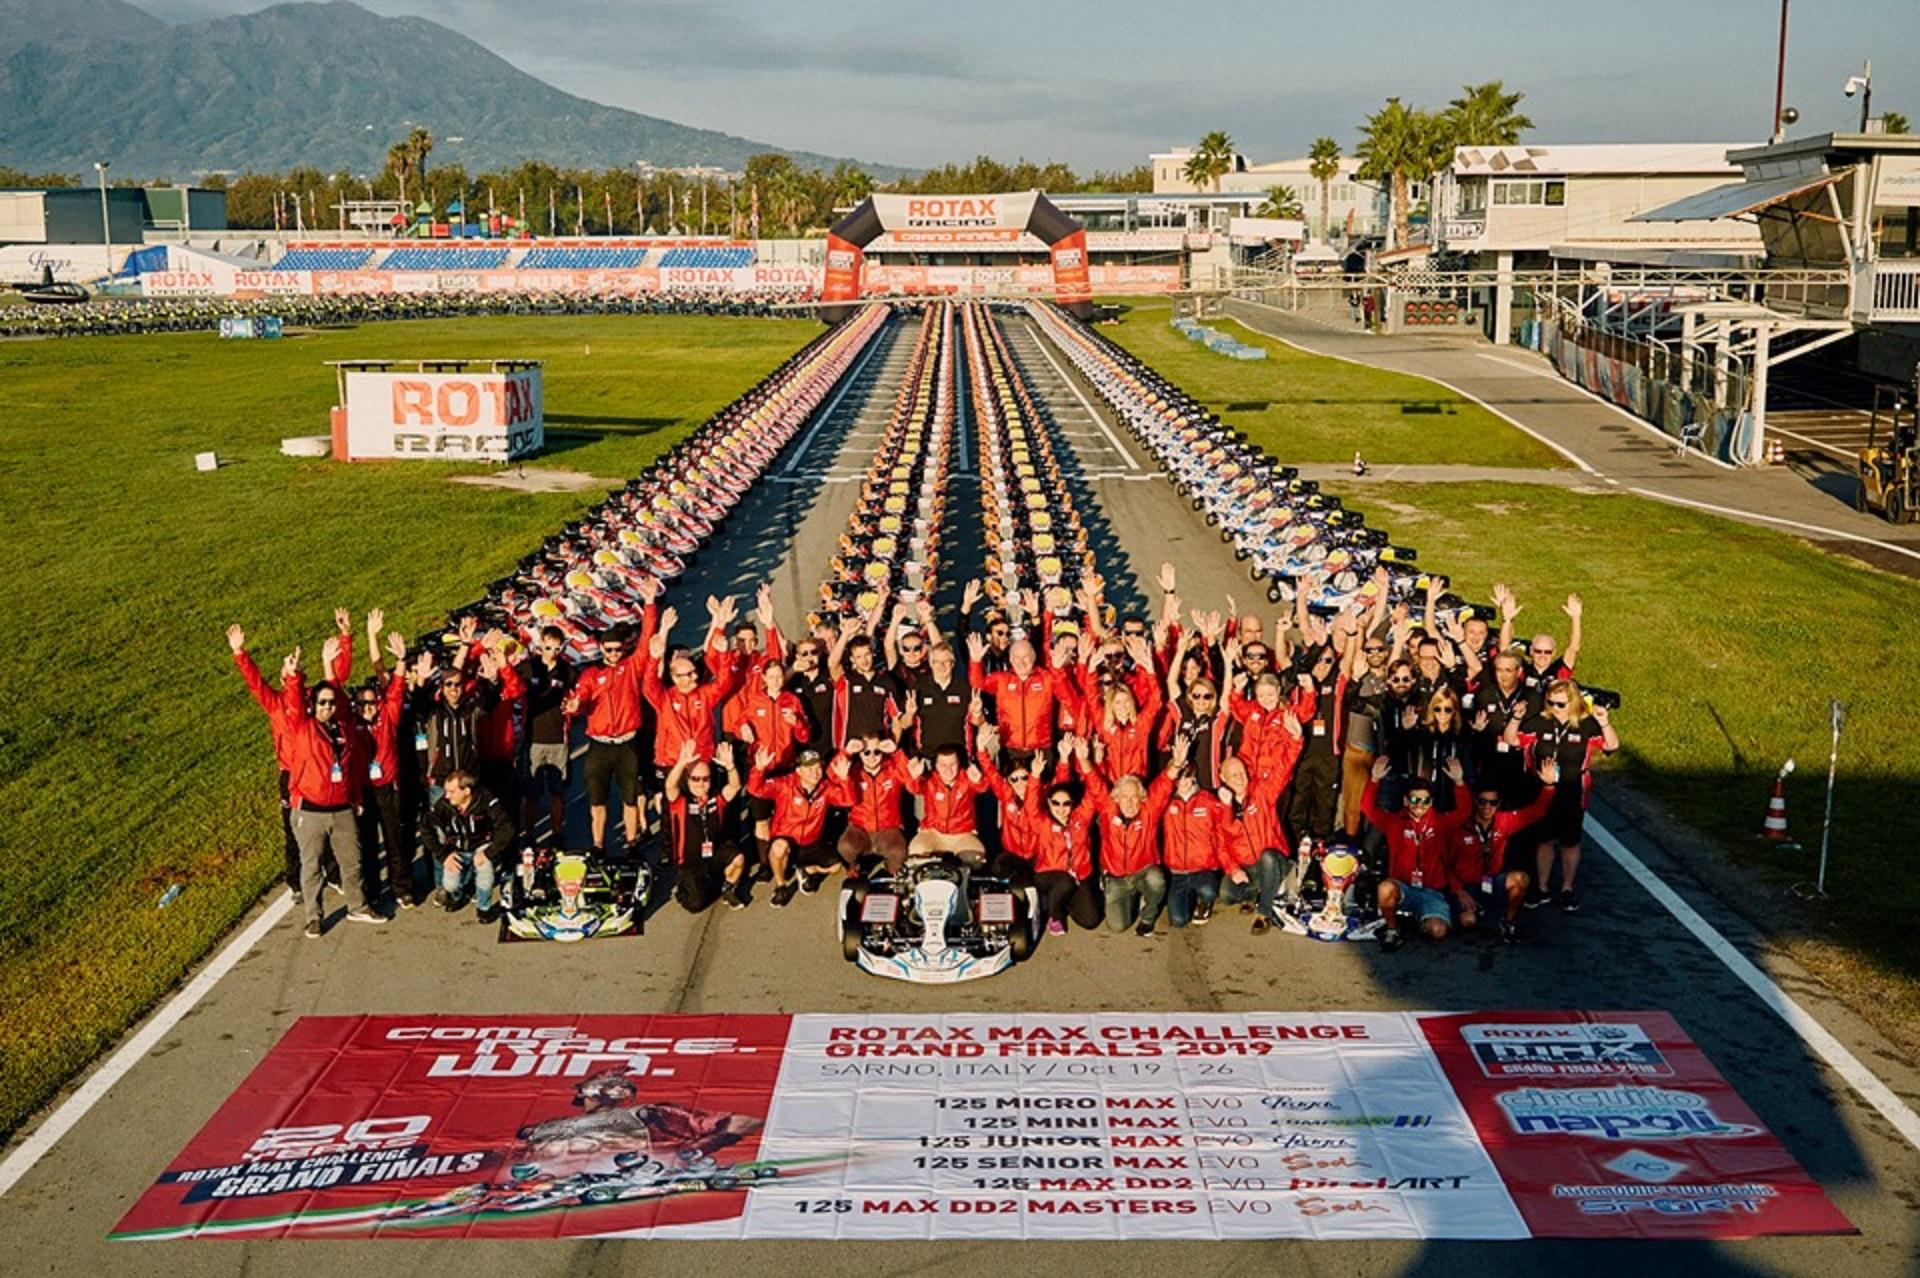 Portugueses da Korridas e Kompanhia organizam há seis anos o Mundial Rotax